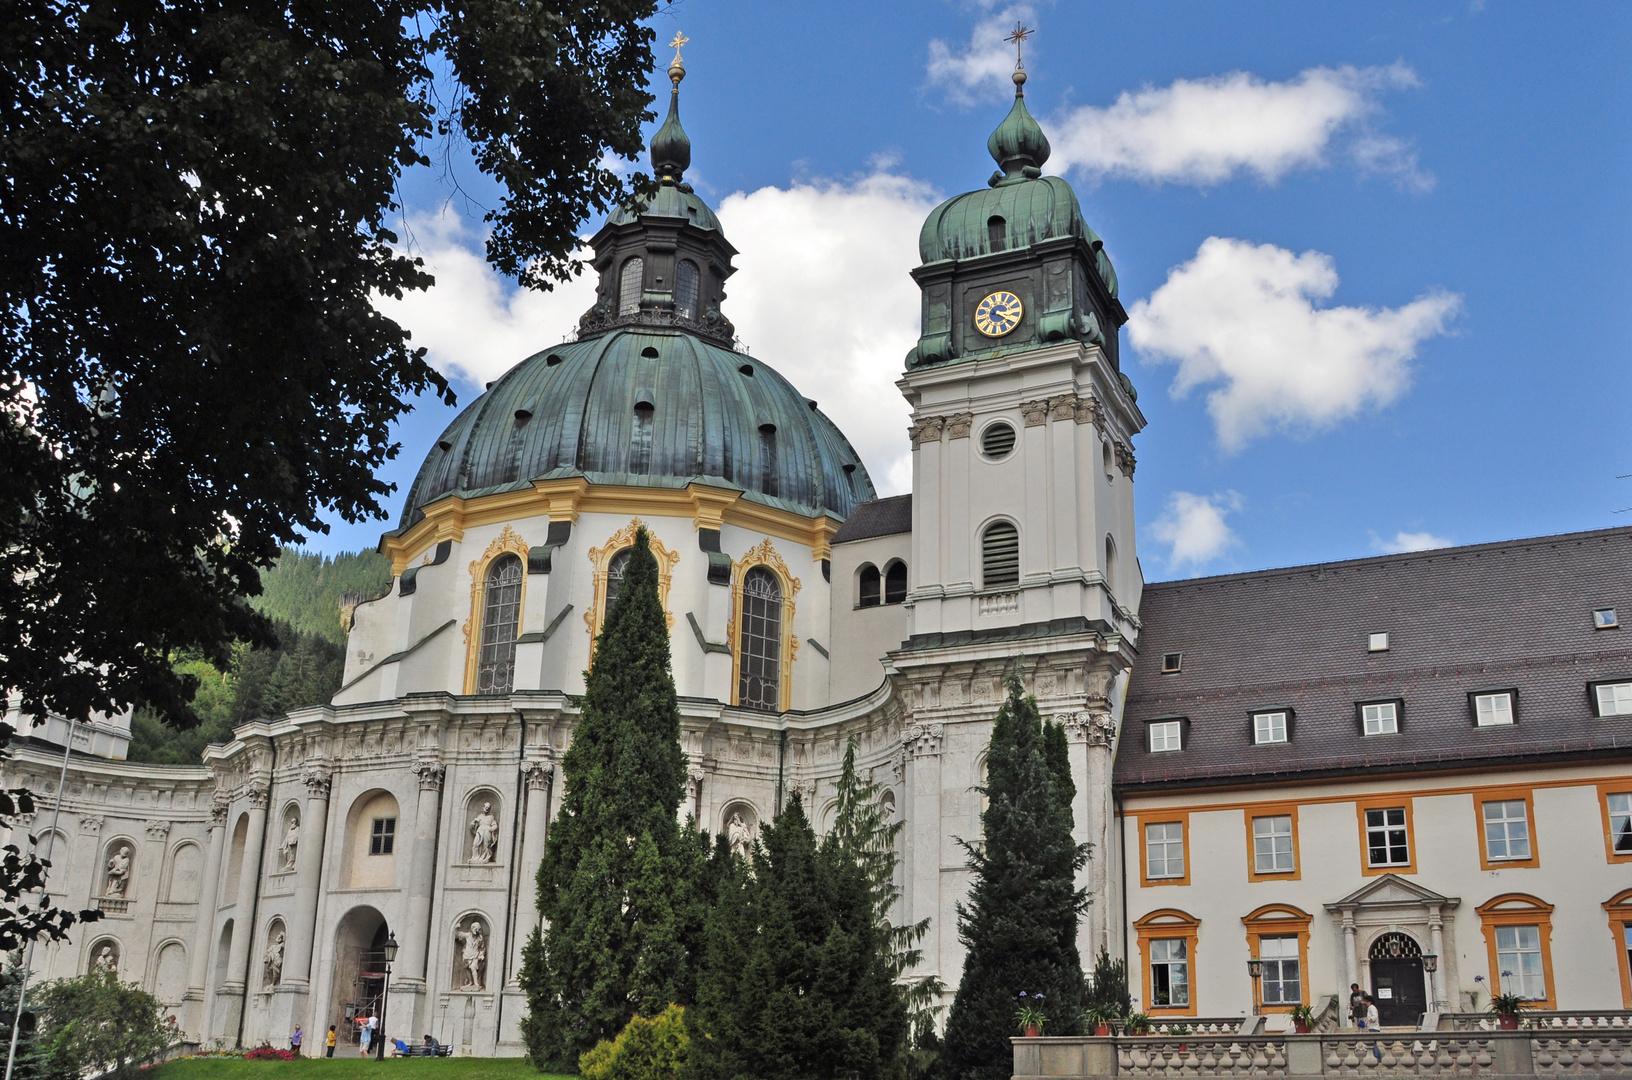 Kloster Ettal in der Nähe von Garmisch